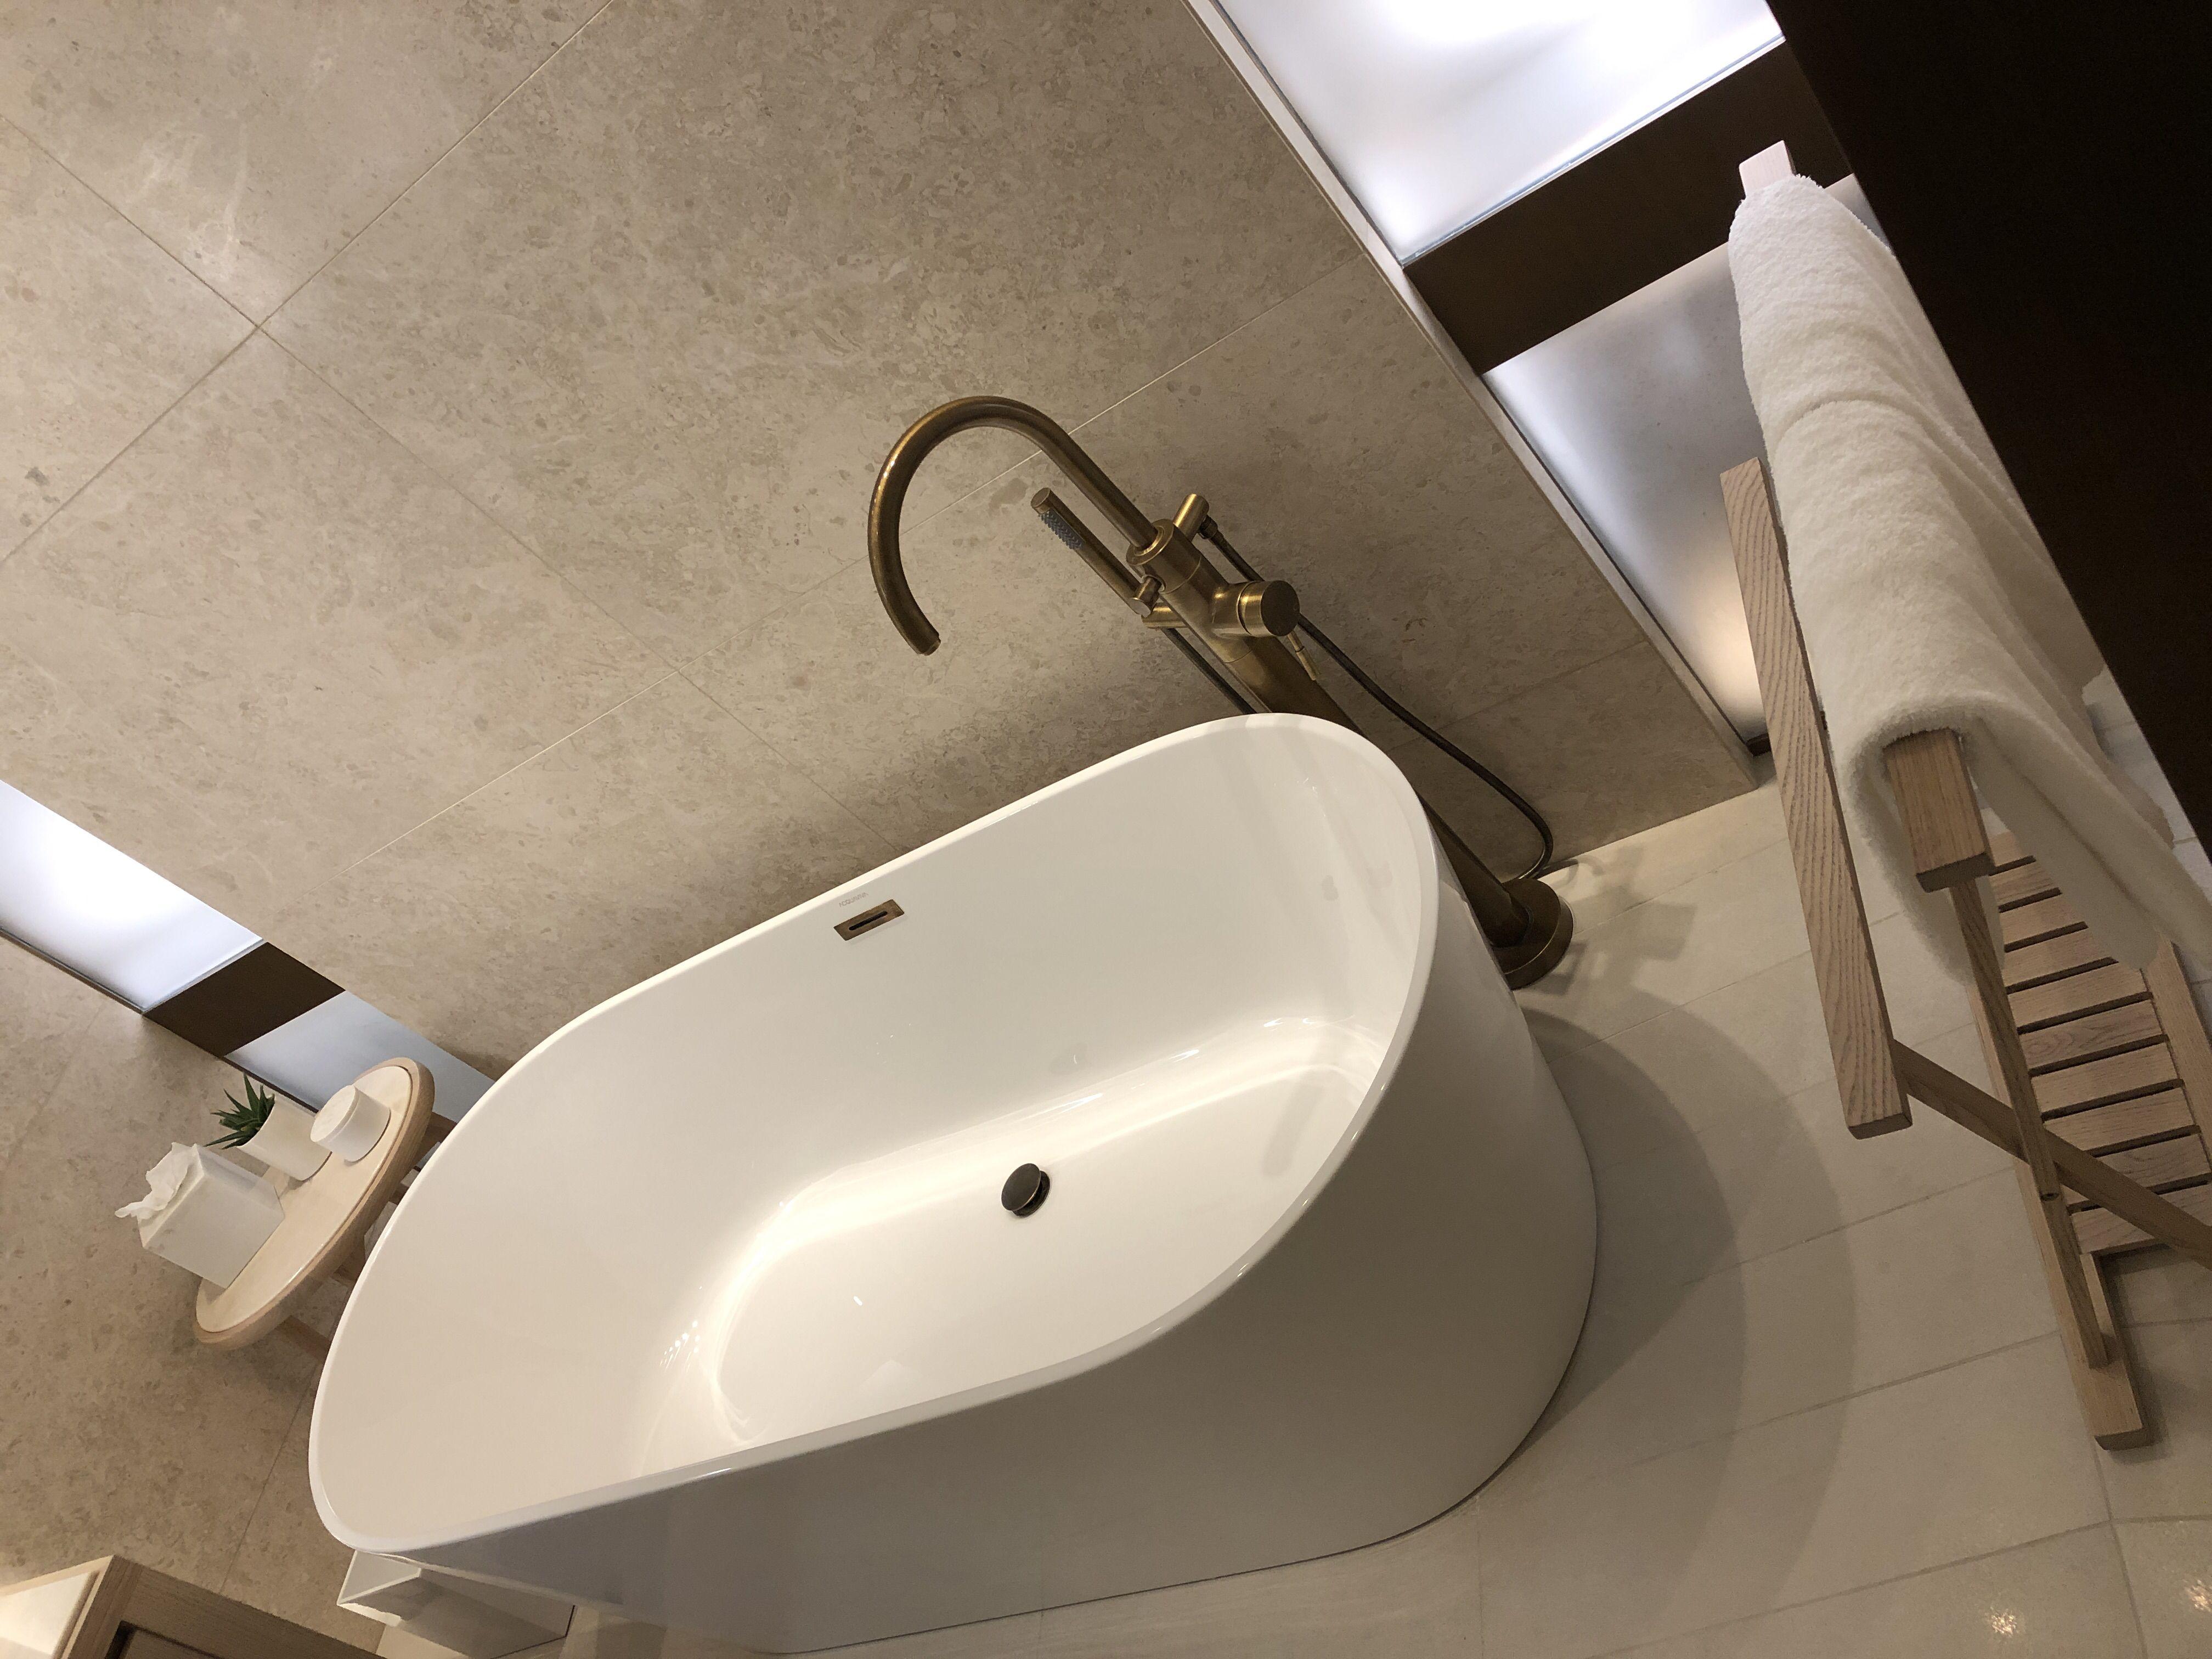 Tegelhuis Montfoort Vloertegels En Wandtegels Voor Een Scherpe Prijs Tegels Natuursteen Tegel Badkamer